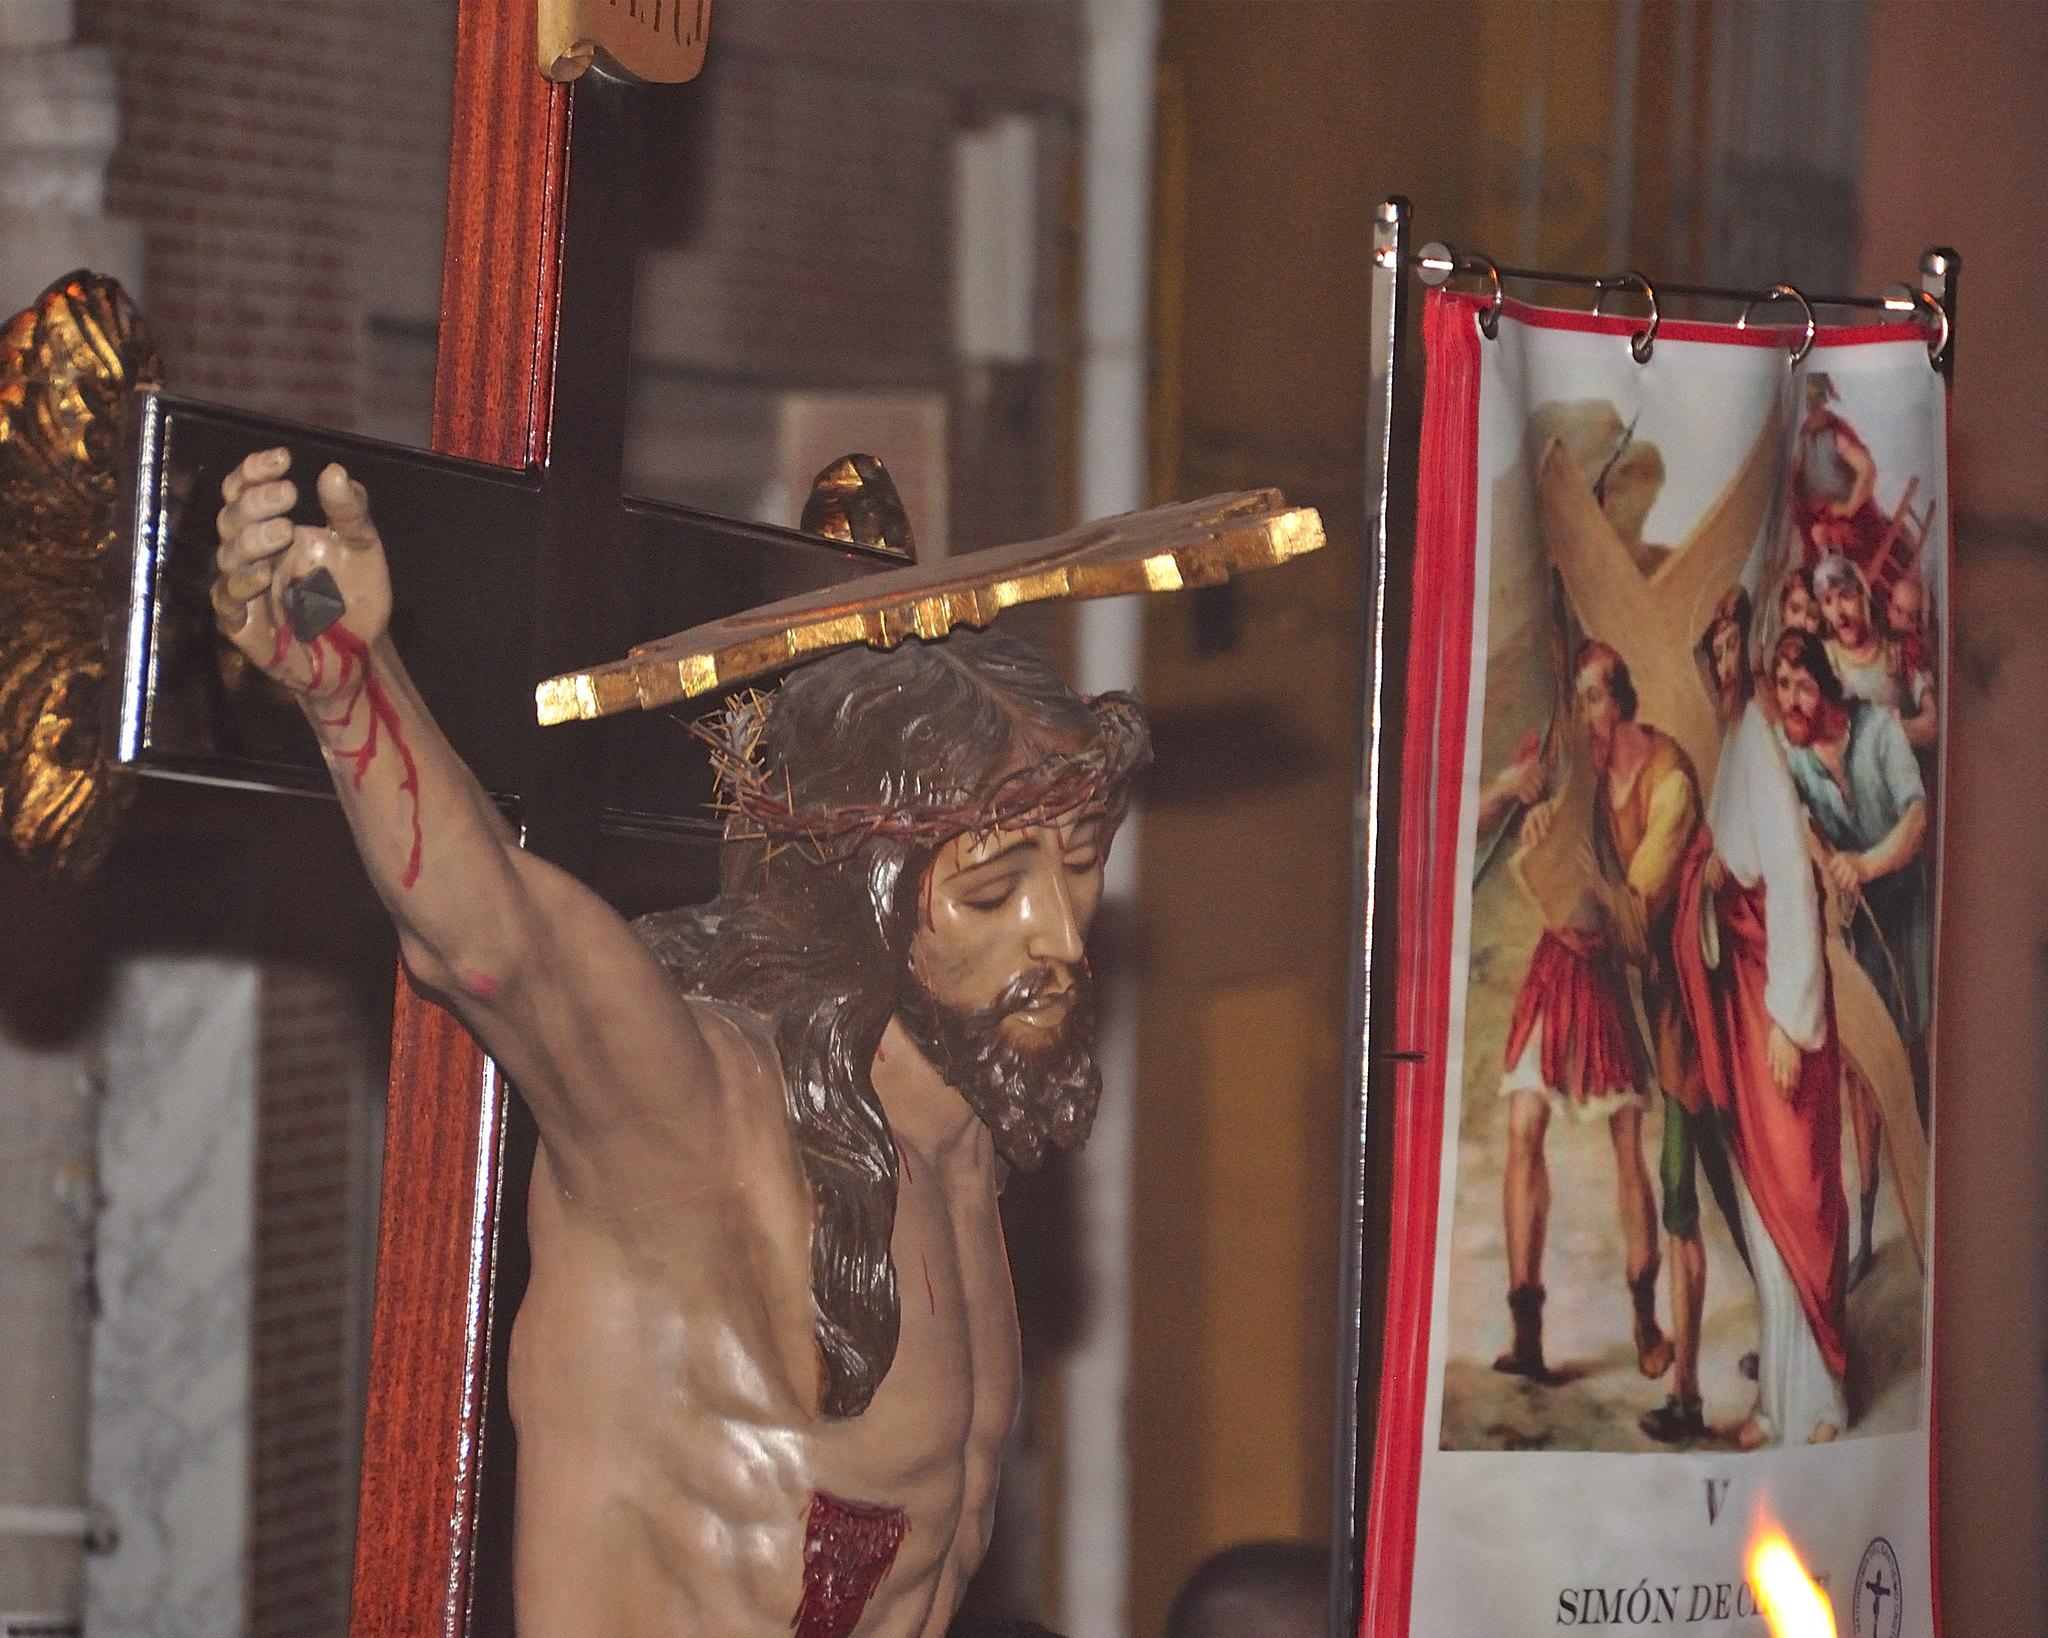 (2014-04-11) - V Vía Crucis nocturno - Abraham de la Rosa (01)